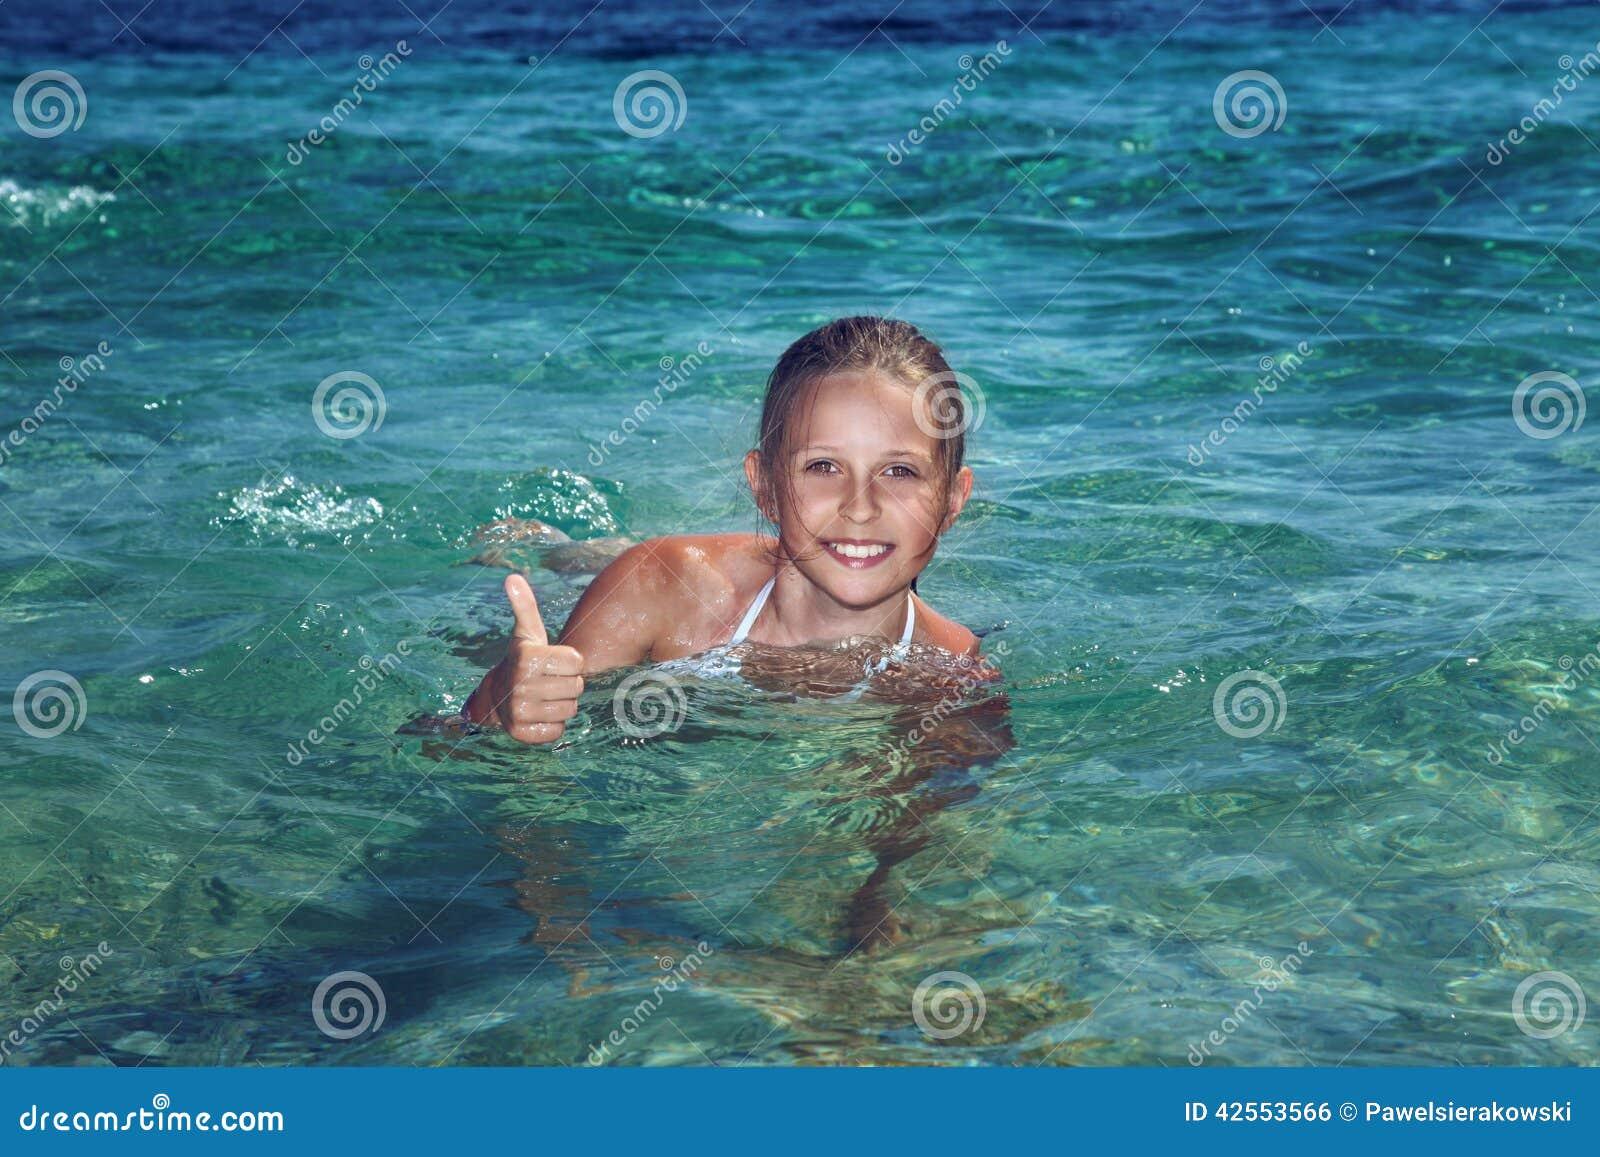 Mooie Tiener Op Vakantie Stock Foto - Beeld: 42553566: nl.dreamstime.com/stock-foto-mooie-tiener-op-vakantie-image42553566